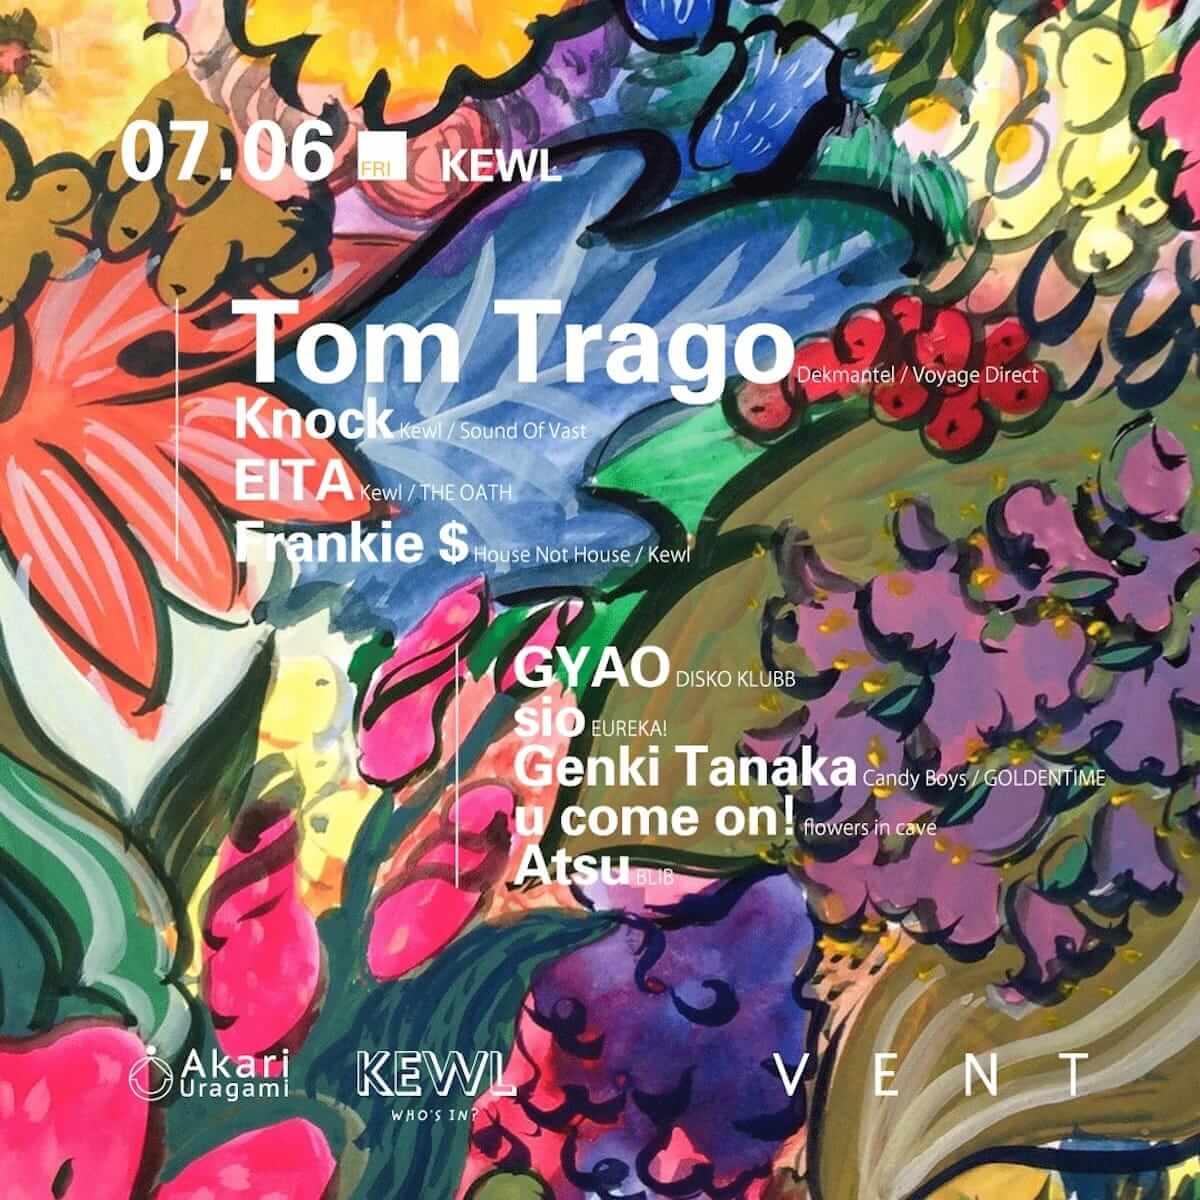 【特集】VakulaやHunee、Tom Tragoを招聘するパーティー「Kewl」をご存知だろうか? music180606_tom-trago-2-1200x1200